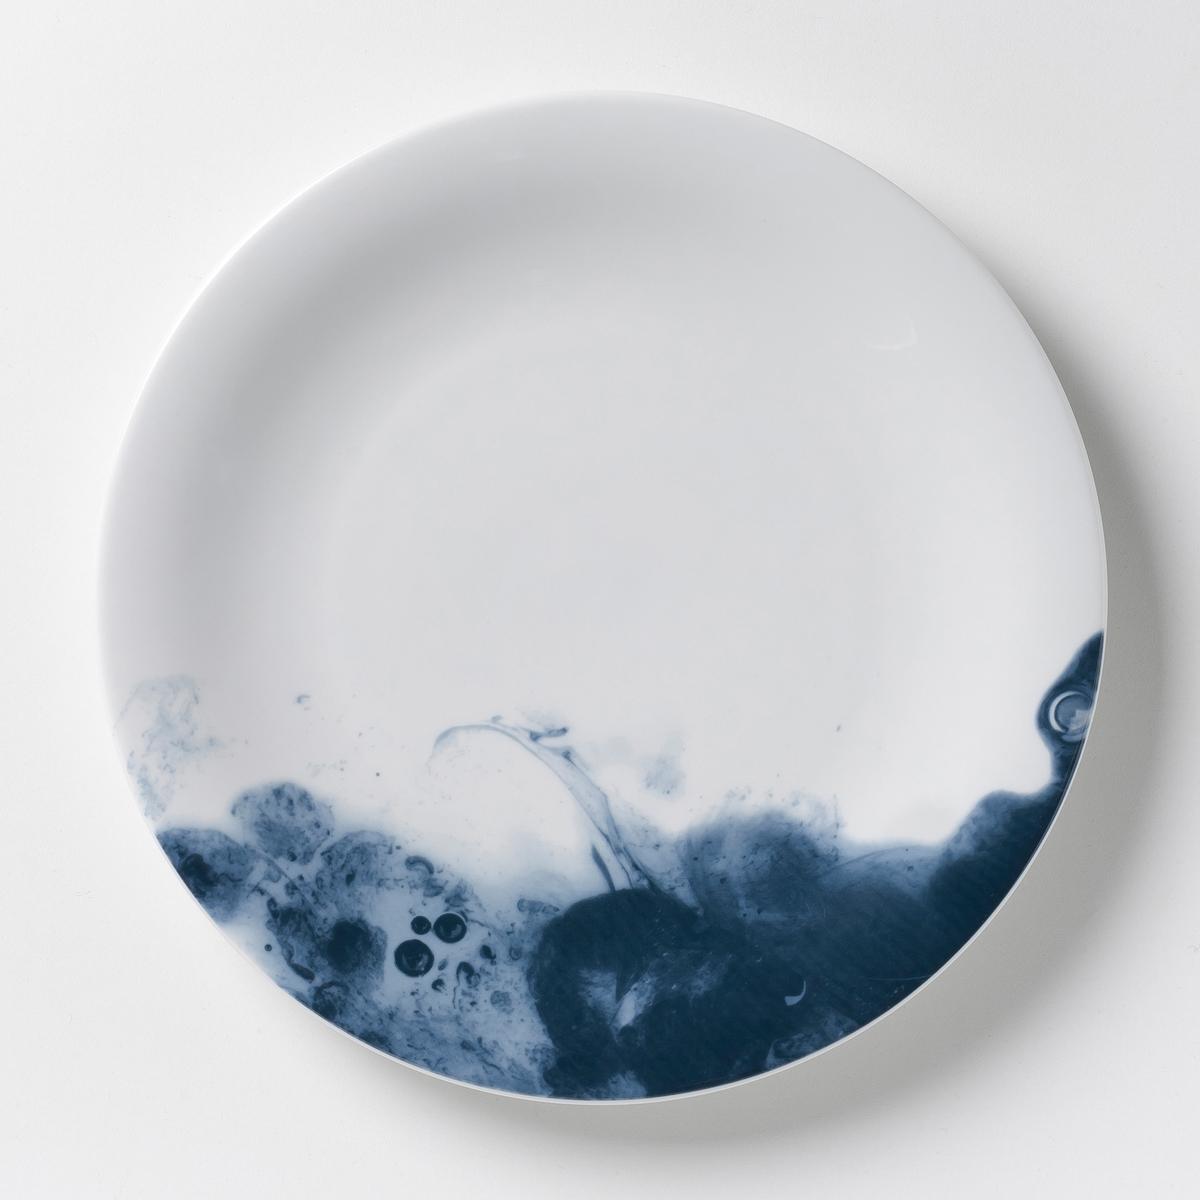 4 тарелки мелкие фарфоровые Encira4 мелких тарелки Encira. Чудесный эффект голубой акварели. Глазурованный фарфор. Размеры: ?28 см. Подходит для посудомоечных машин и микроволновых печей. Сделано в Португалии. Выбор кружек и десертных тарелок на сайте.<br><br>Цвет: синий